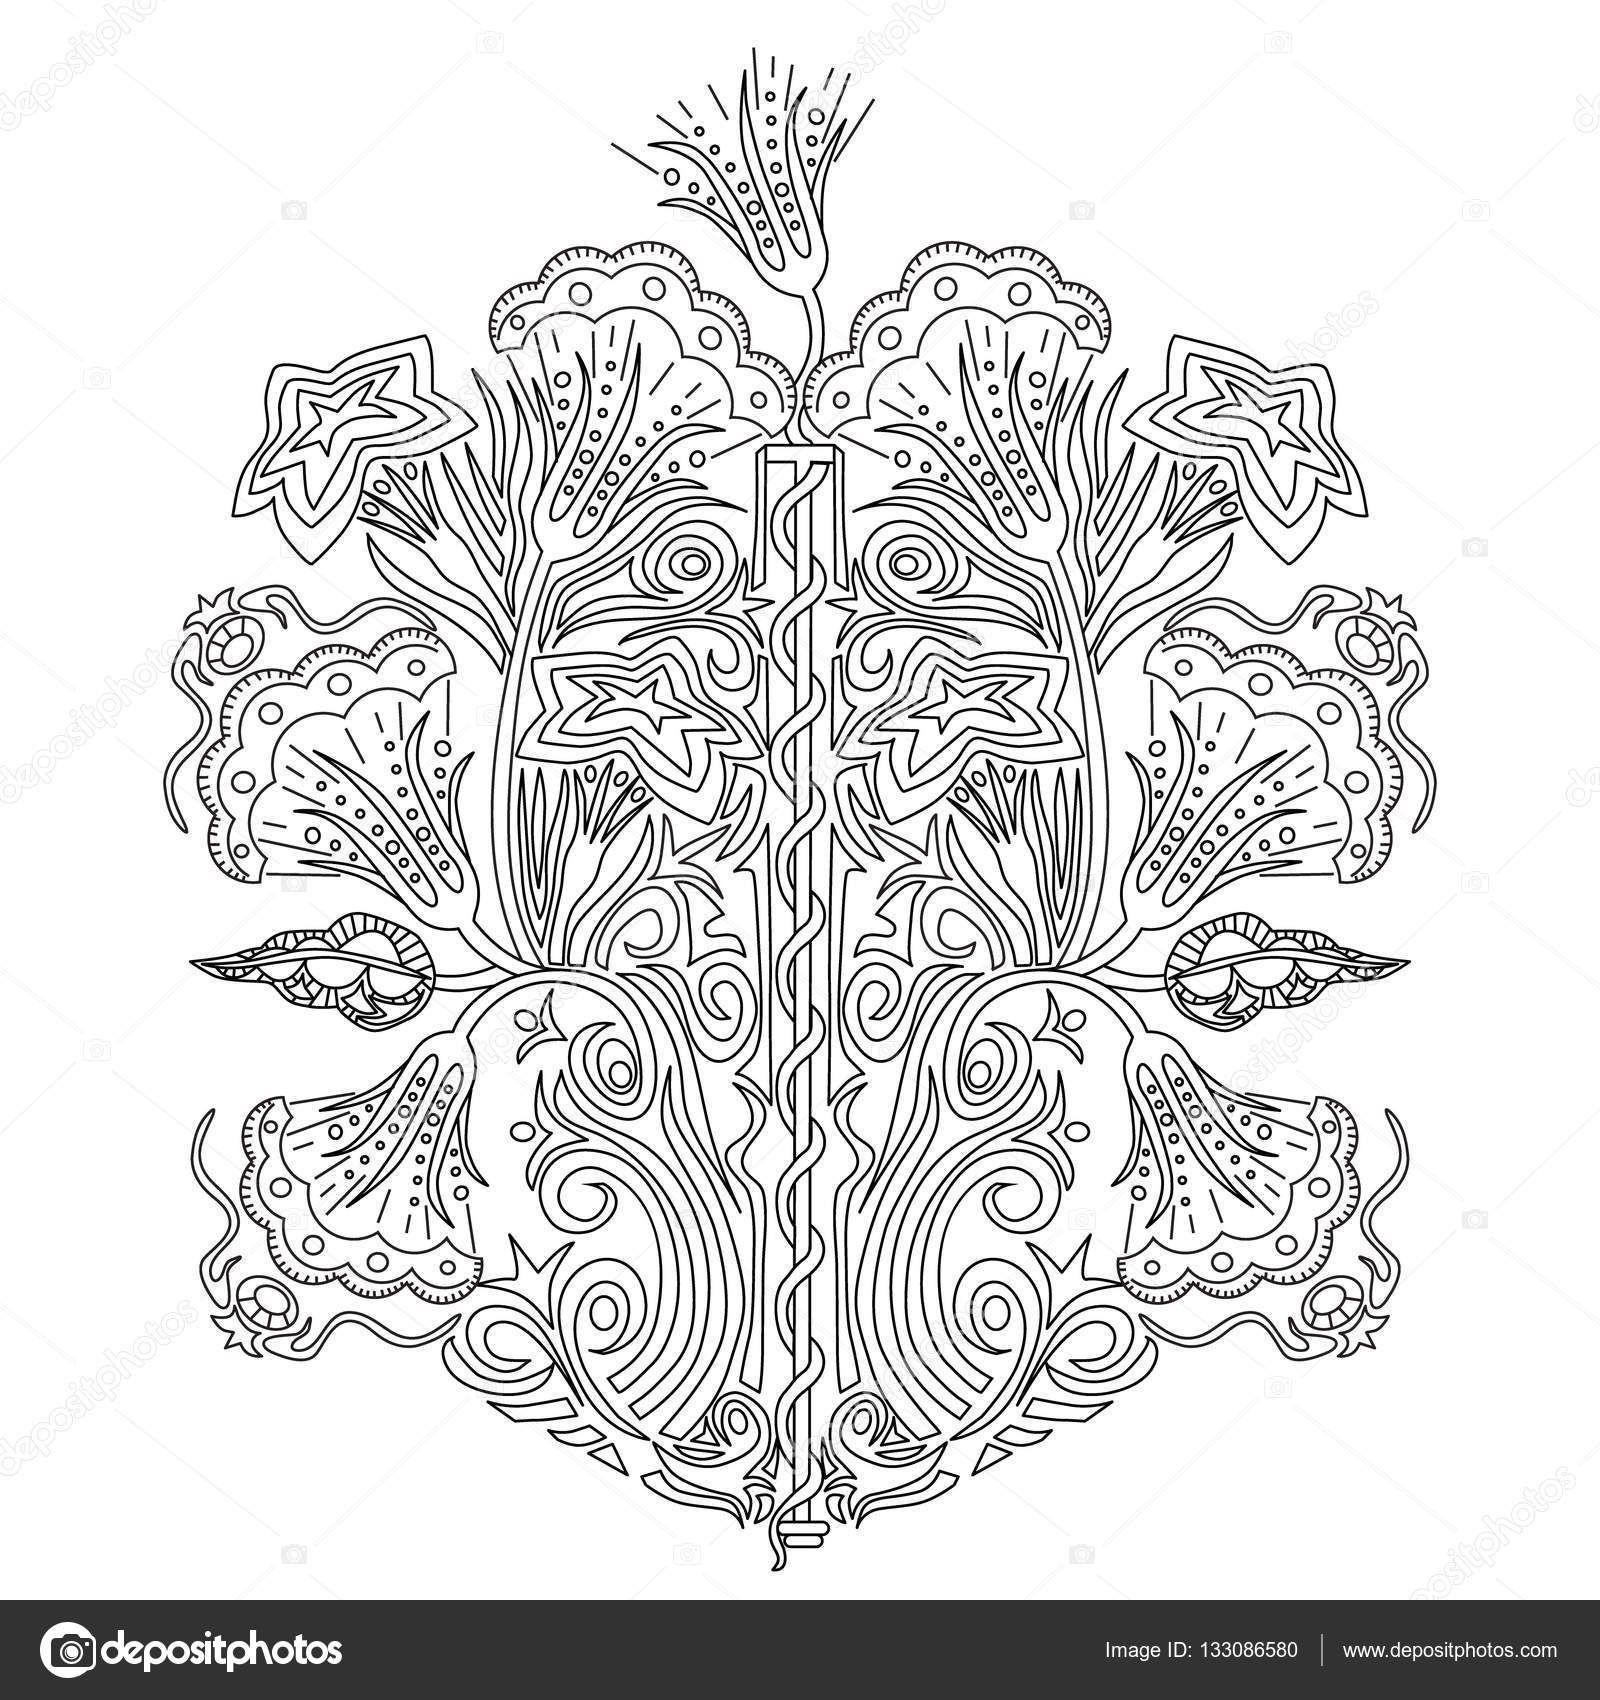 Descargar - Ornamento de la flor de dibujado a mano para adultos ...